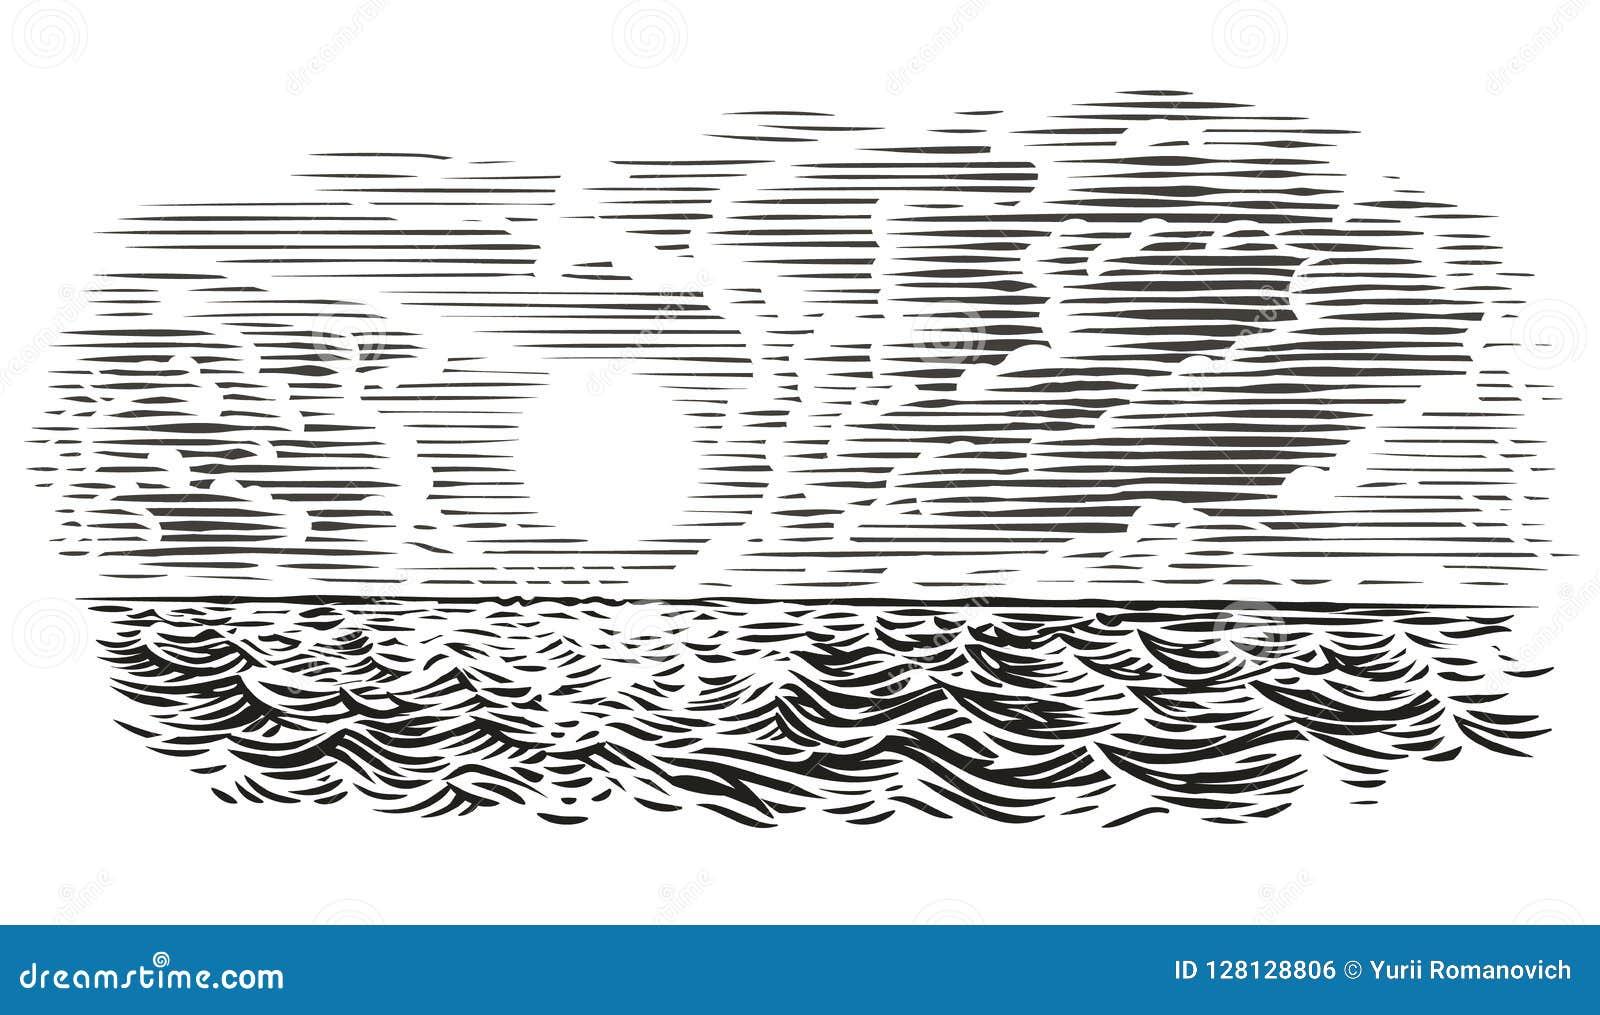 Ilustração do estilo da gravura da opinião do mar Vetor, isolado, mergulhado